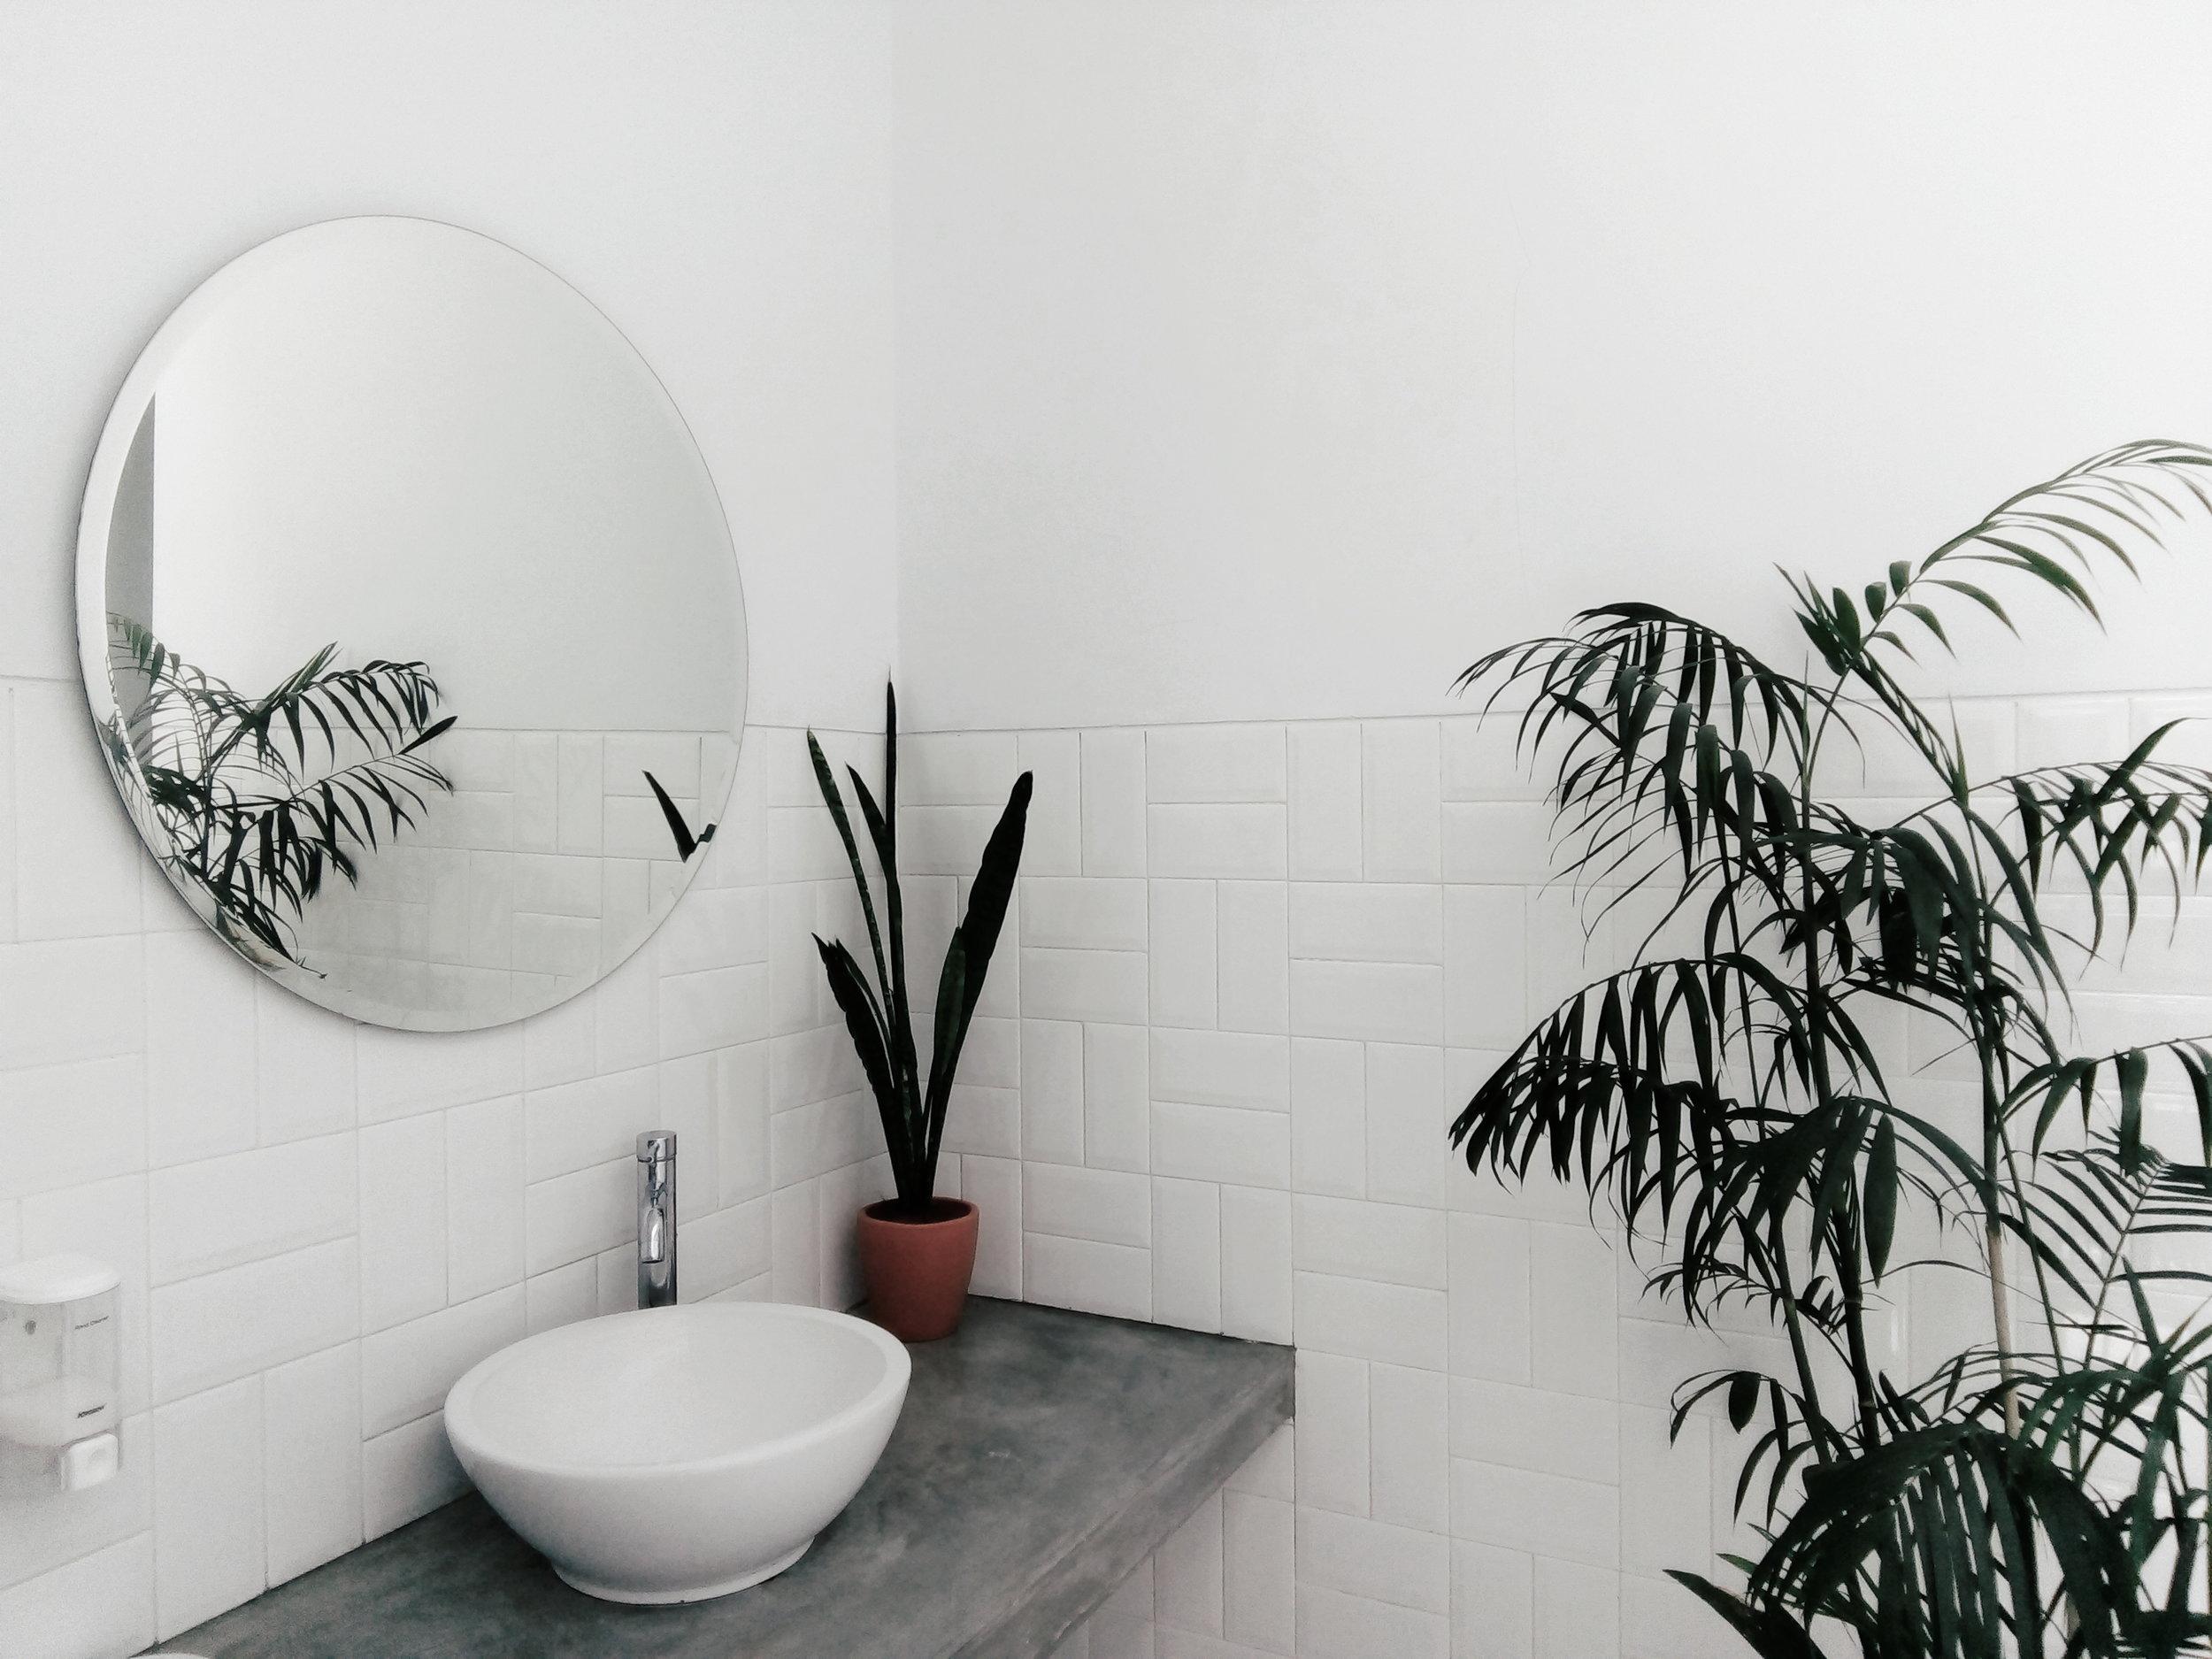 Sanitair - Dient je sanitair vernieuwd of hersteld te worden? Wij staan tot je beschikking voor onder meer het plaatsen en herstellen van sanitaire installaties, rioleringsbuizen of badkamerrenovaties.